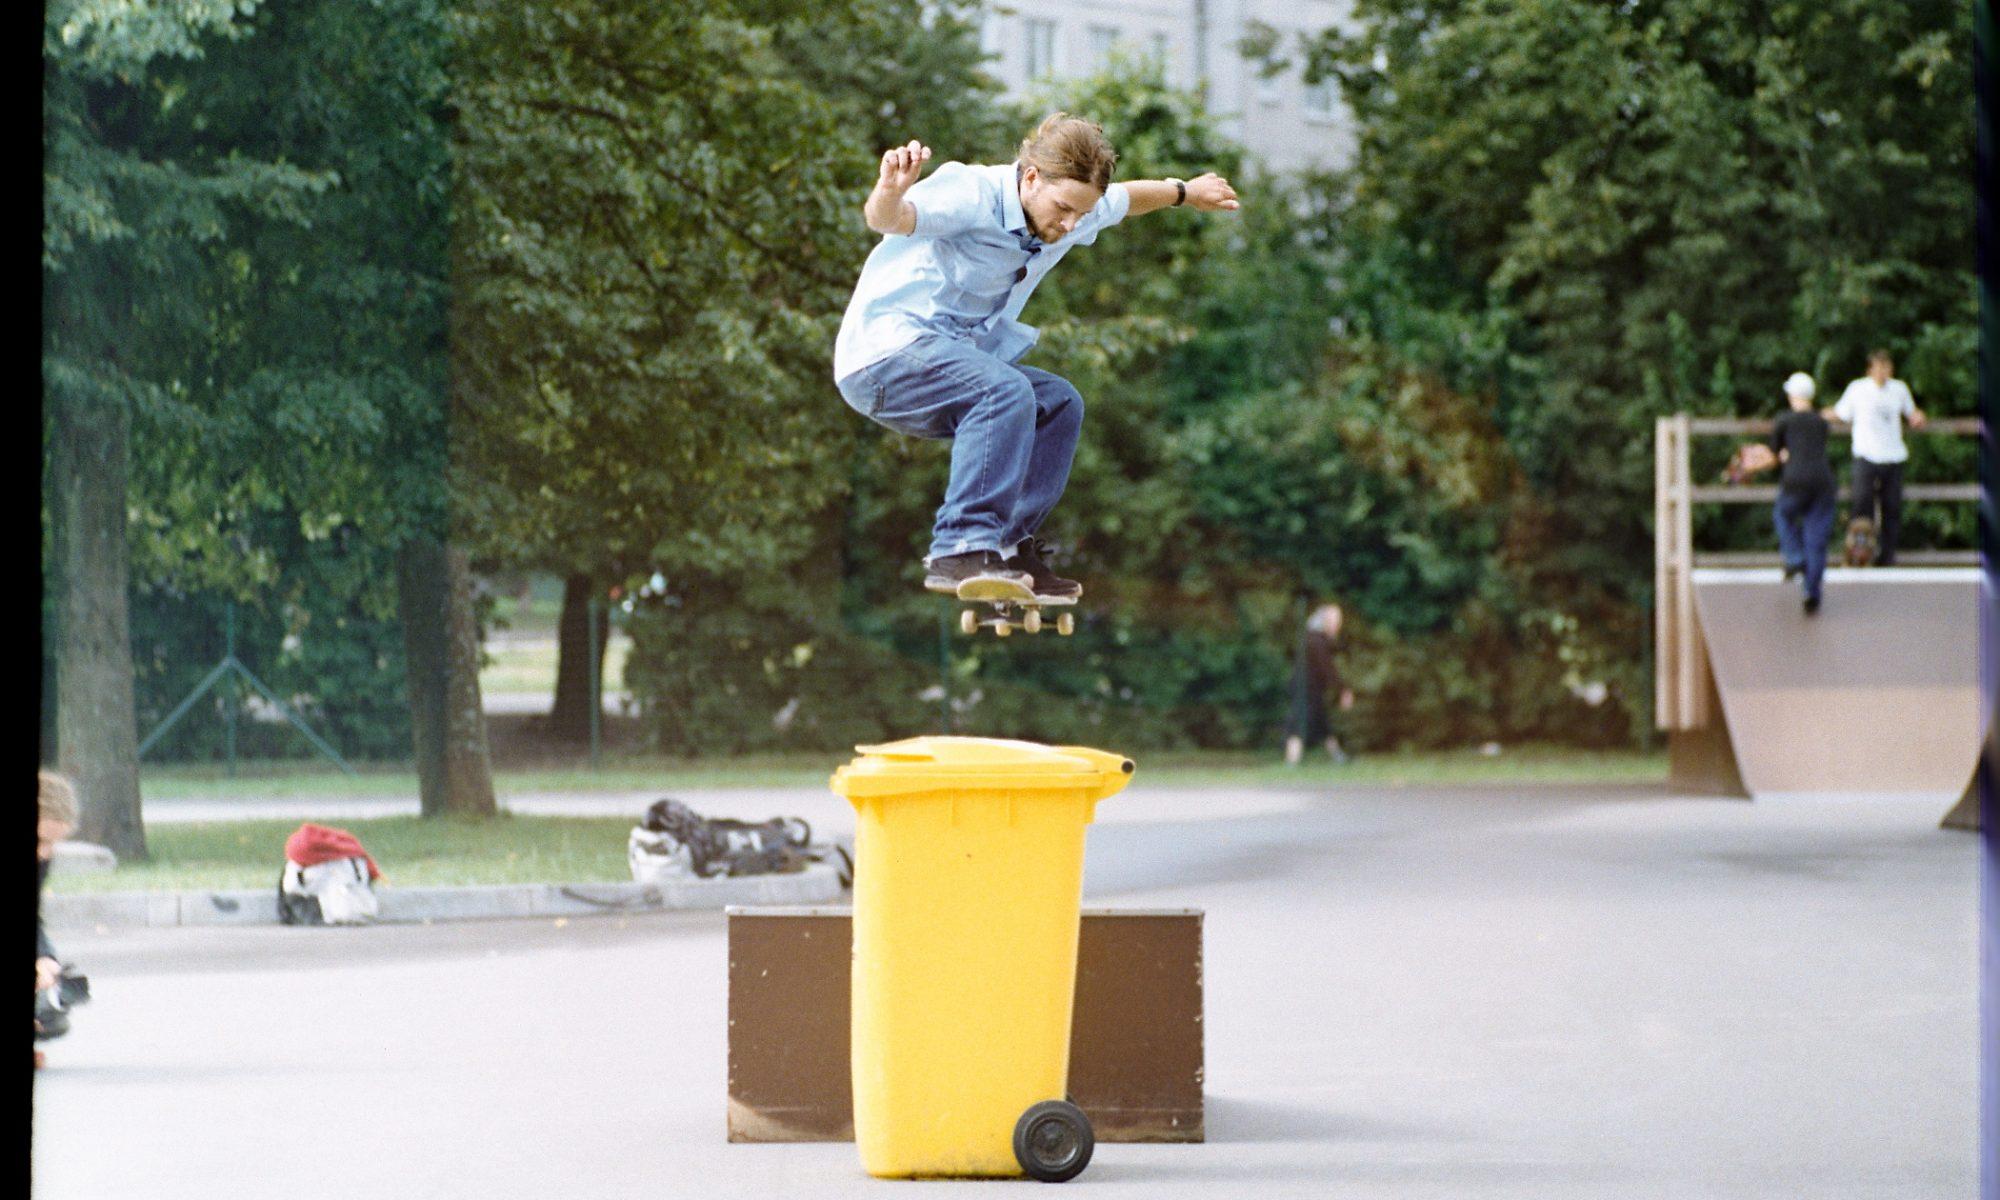 ollie old skater